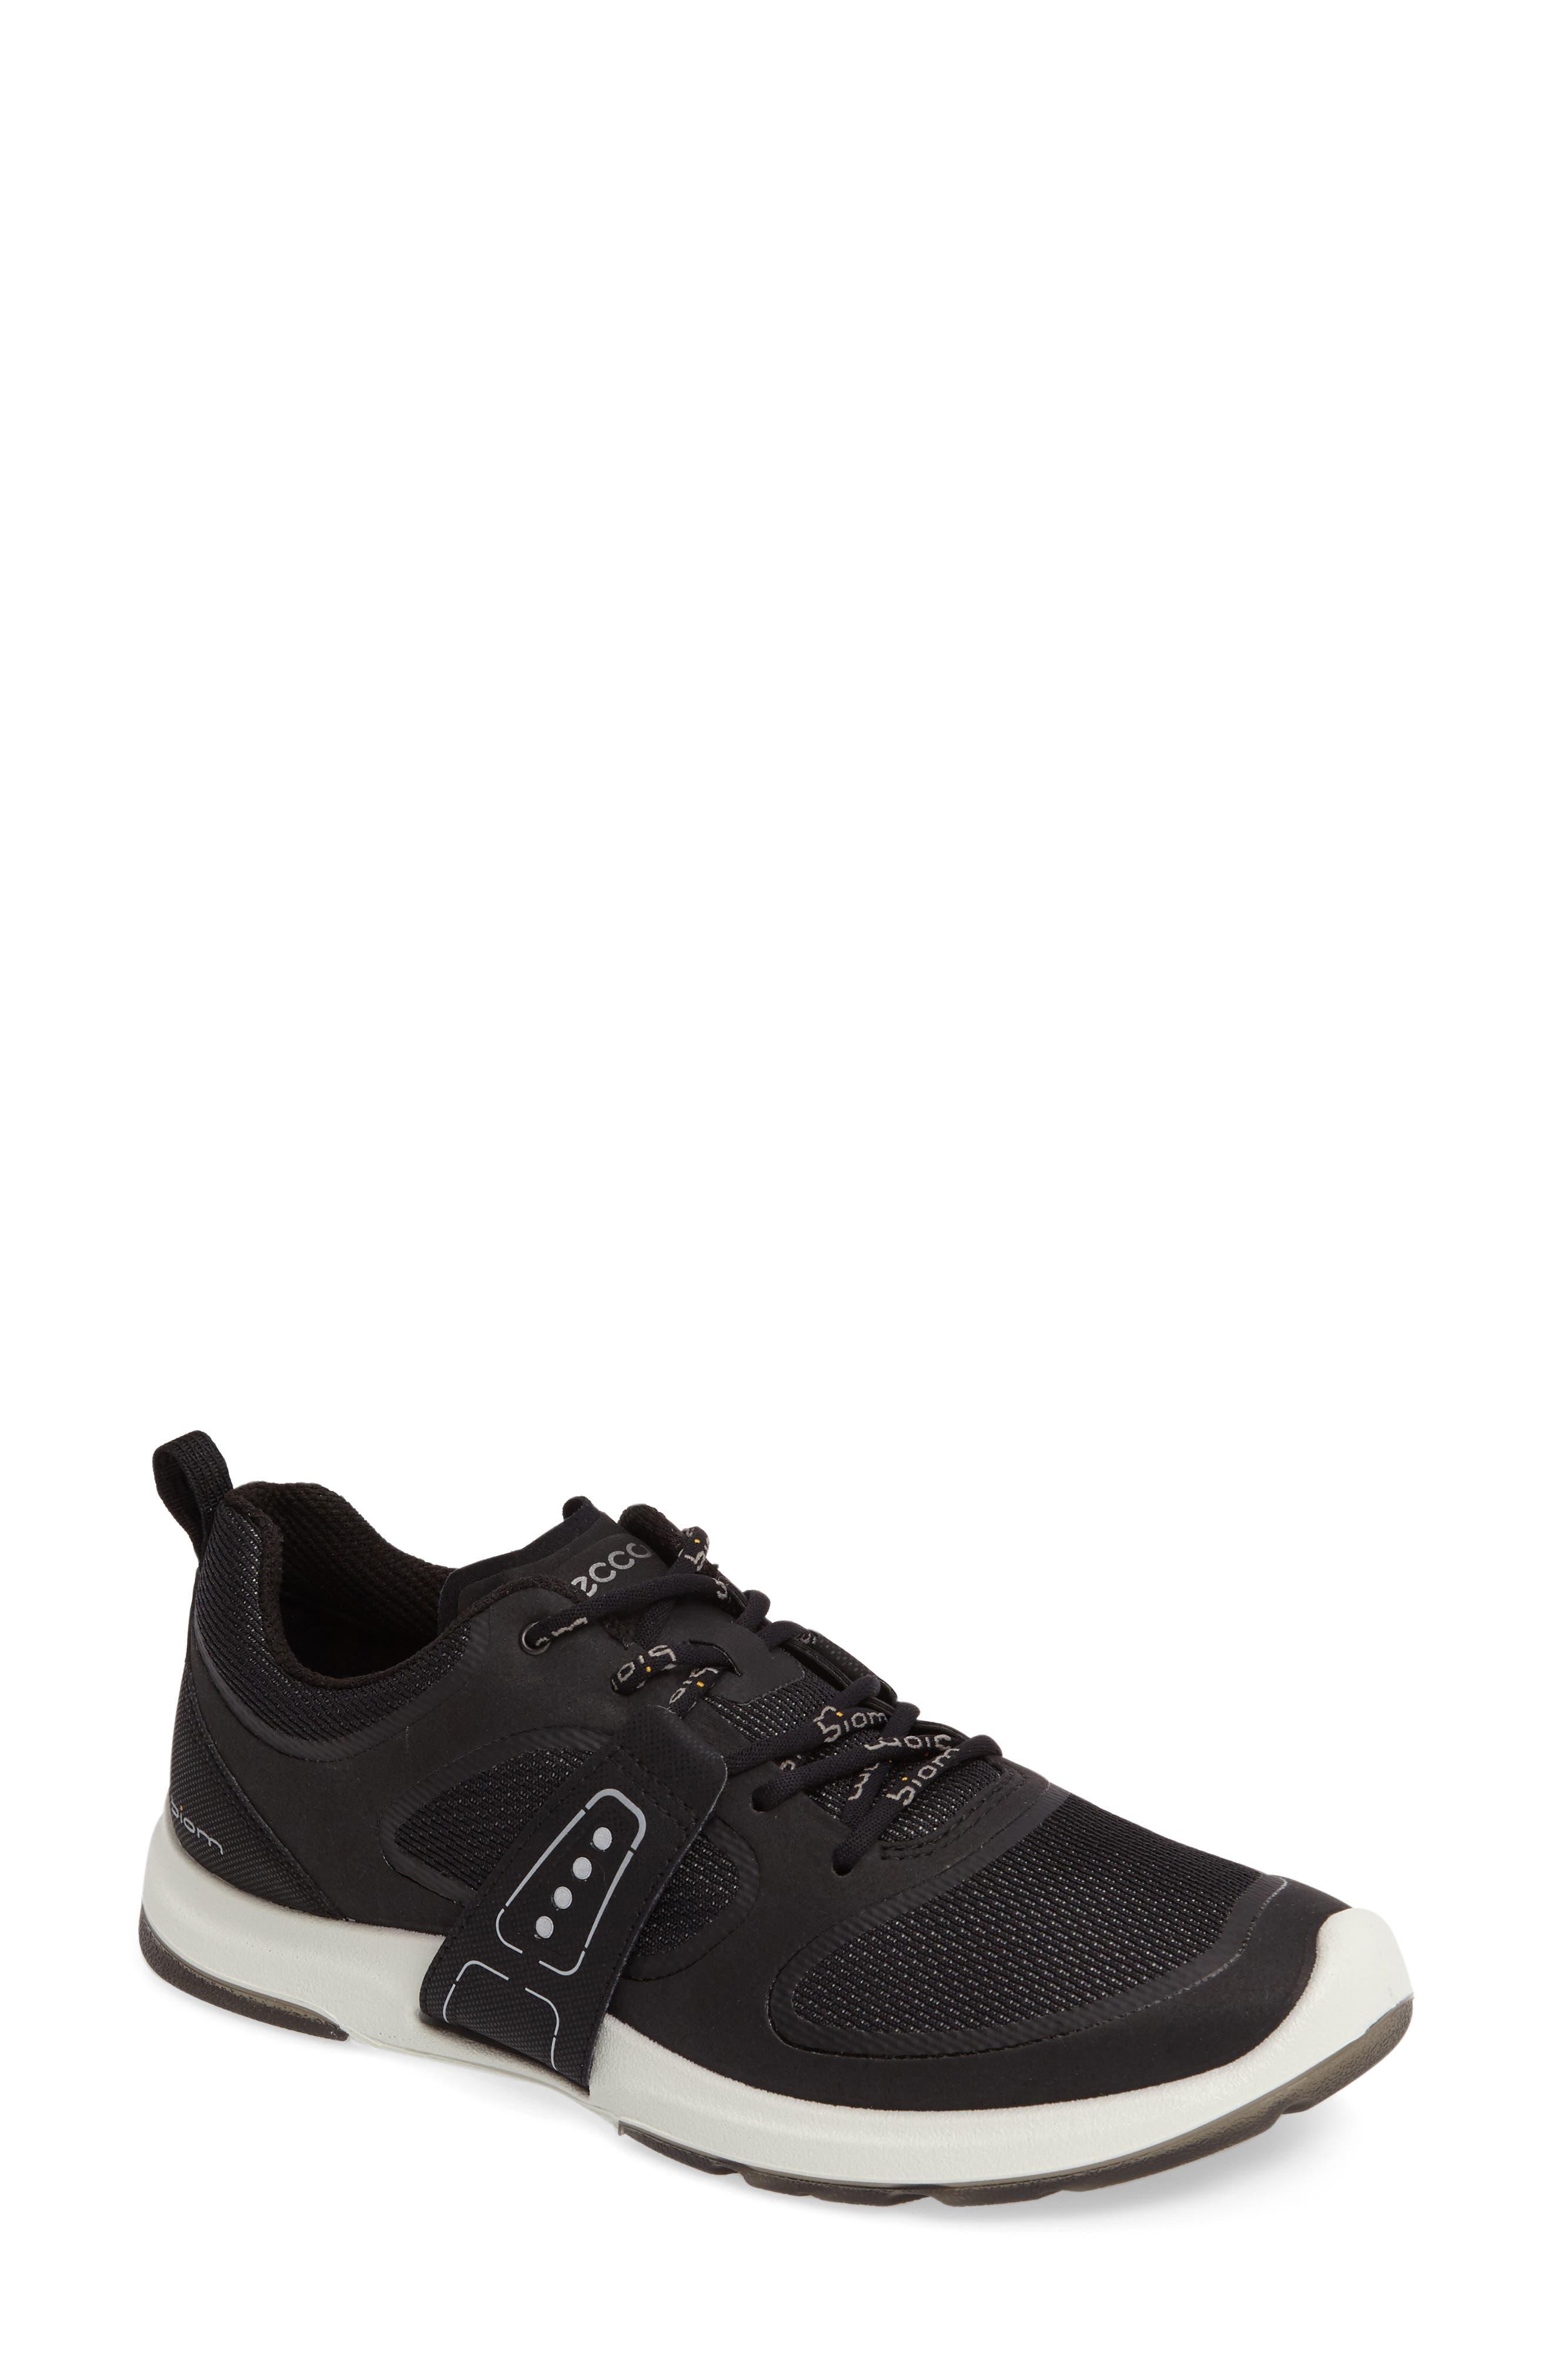 BIOM Amrap Sneaker, Main, color, 001